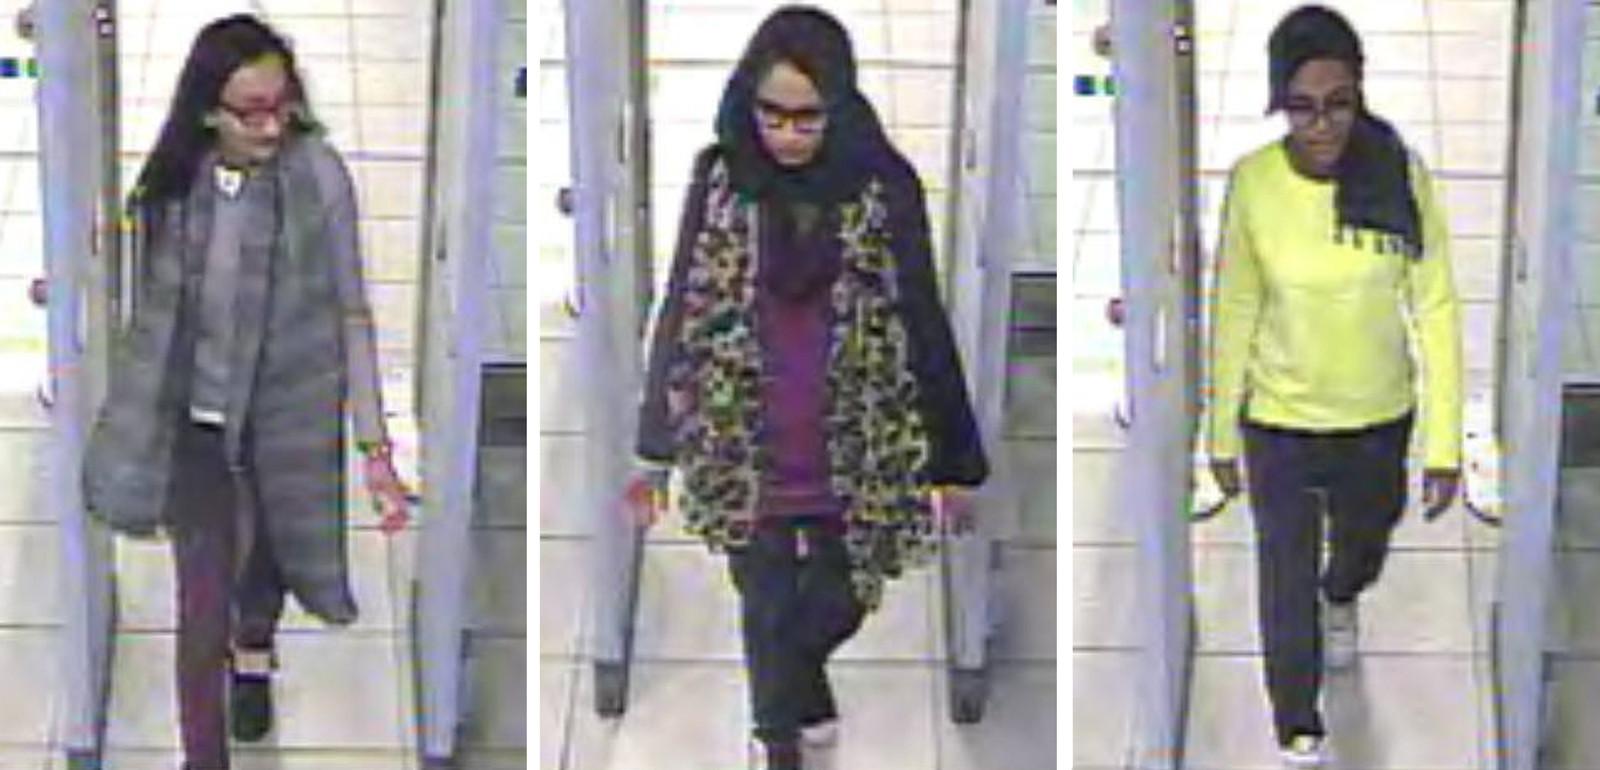 Shamima Begum (midden) met haar twee vriendinnen op Gatwick Airport in Londen toen ze als 15-jarig schoolmeisje naar Syrië vertrok. Daar trouwde ze met de Nederlander Yago R.